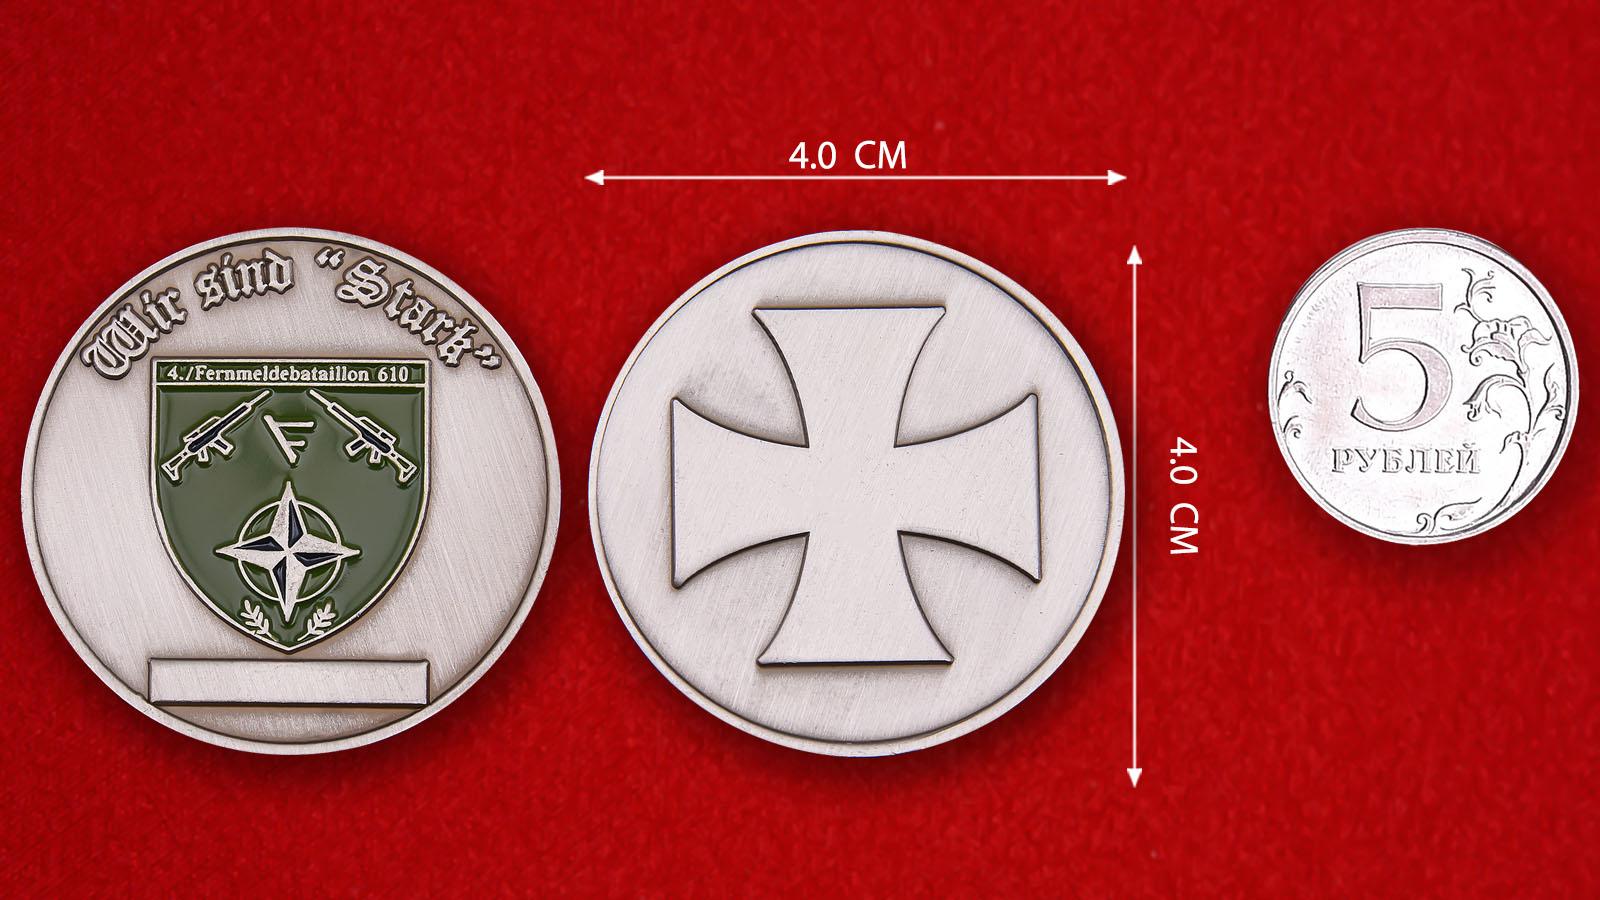 Челлендж коин 610-го батальона связи Бундесвера - сравнительный размер